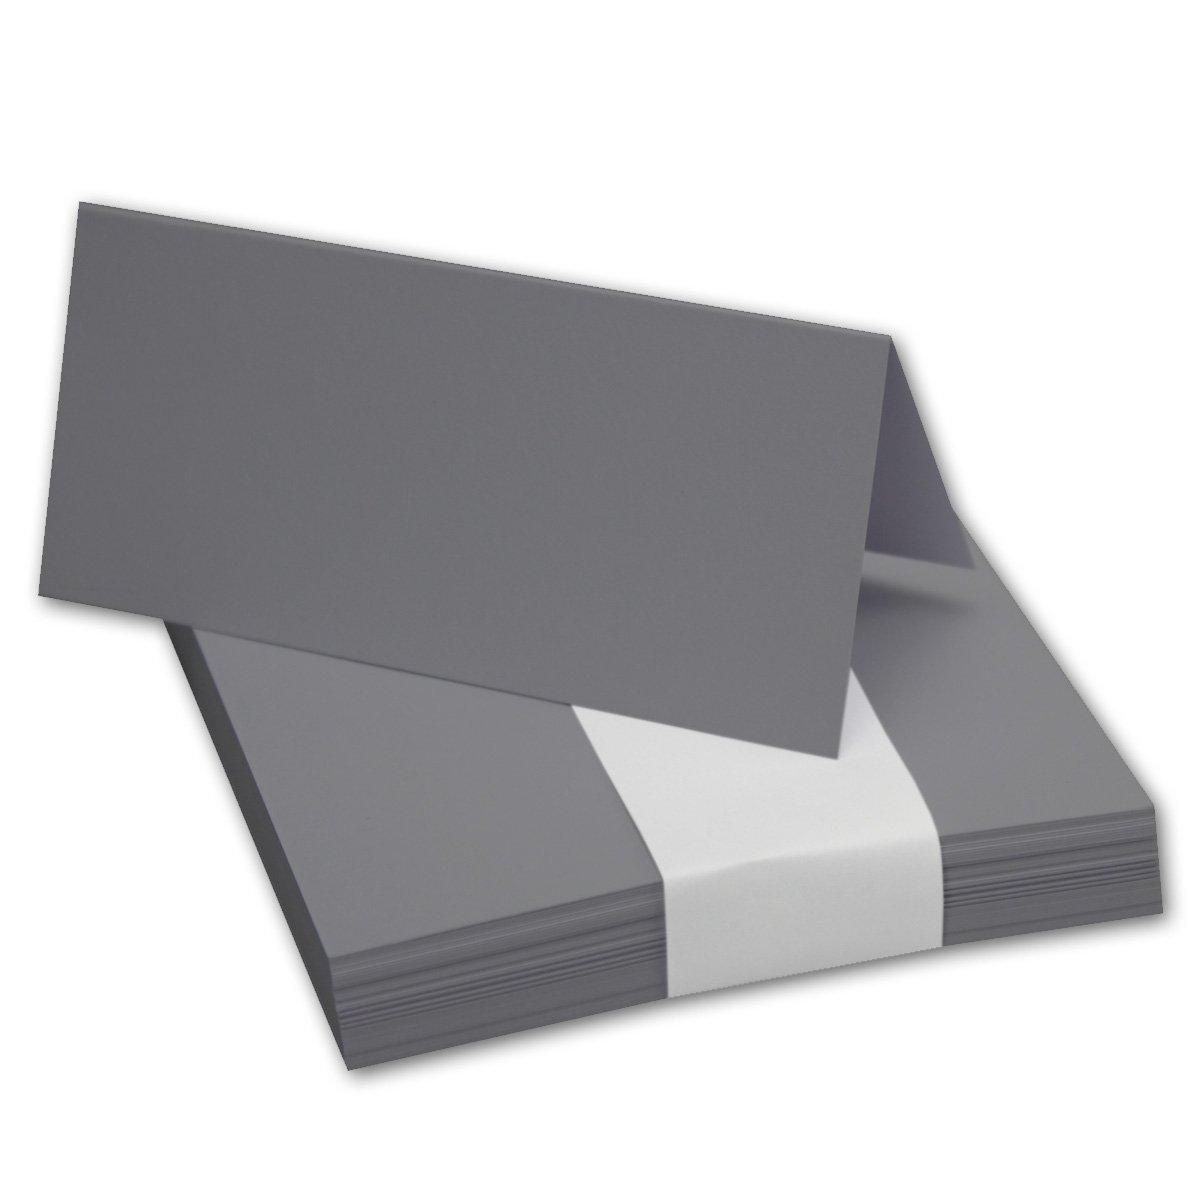 200x 200x 200x Tischkarten in Hochweiß I Größe  100 x 90 mm (Gefaltet 100 x 45 mm) I 240 g m² - Sehr Schwere und Stabile Qualität I aus der Serie FarbenFroh von NEUSER  B07FS5TFF1 | Genial Und Praktisch  73746a